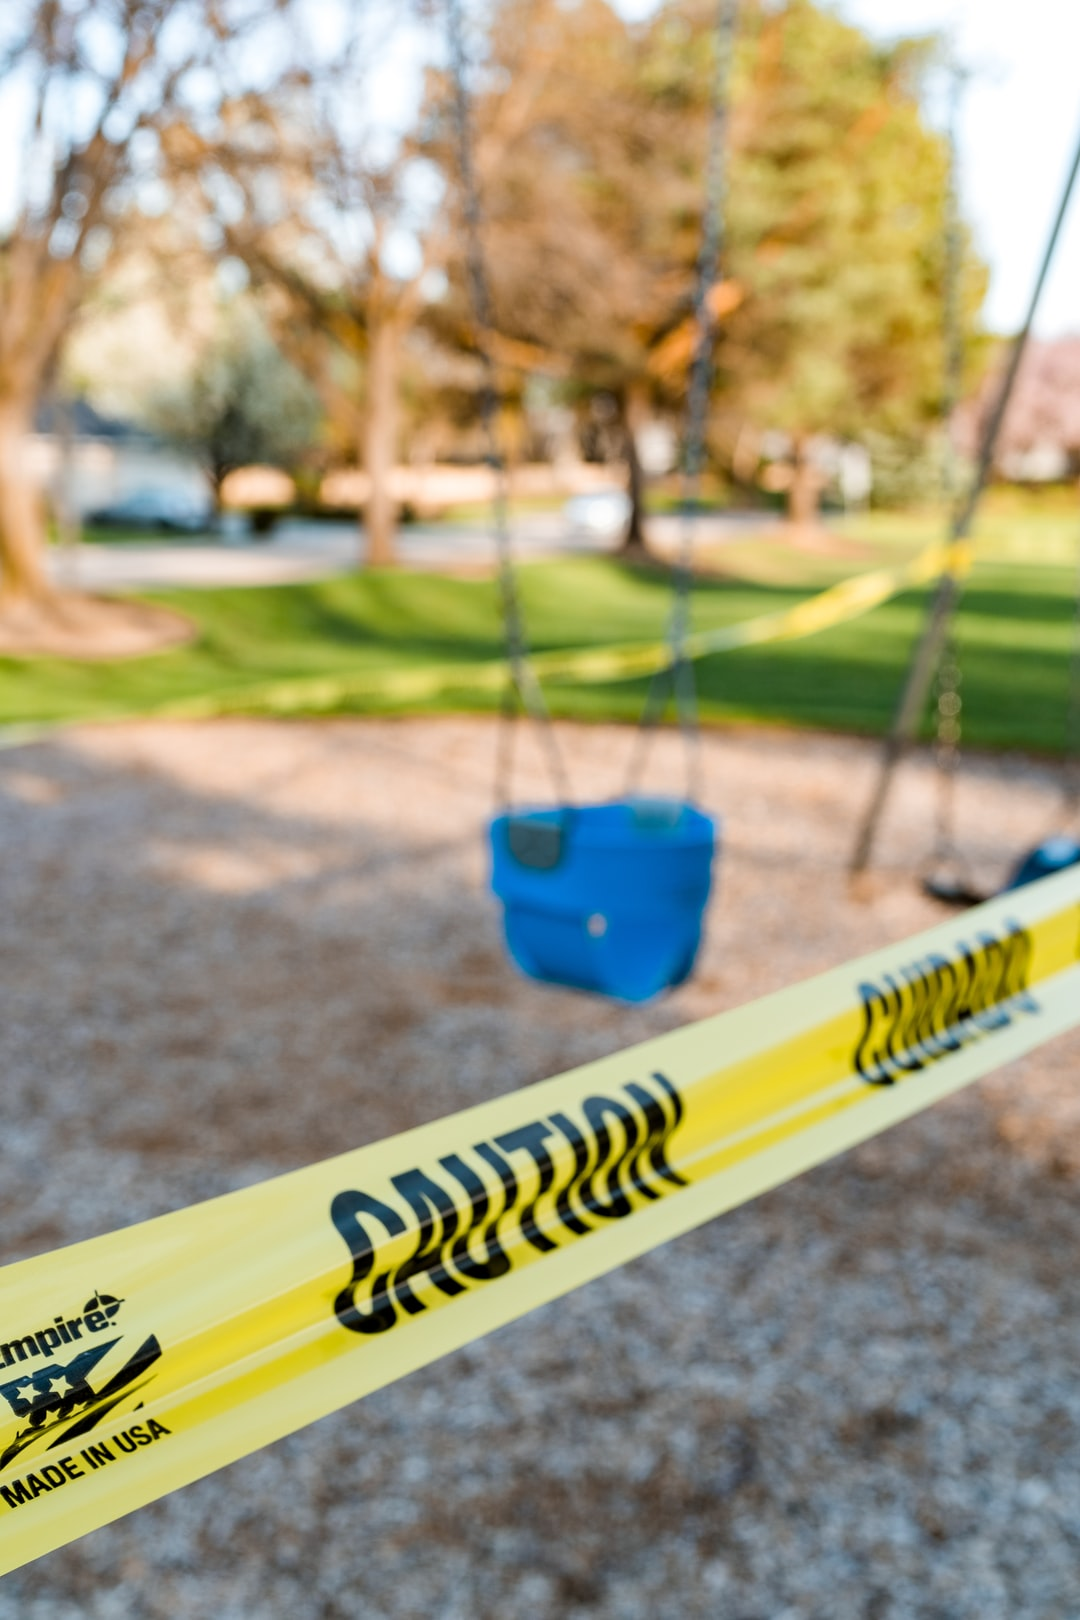 Pandemic playground closures